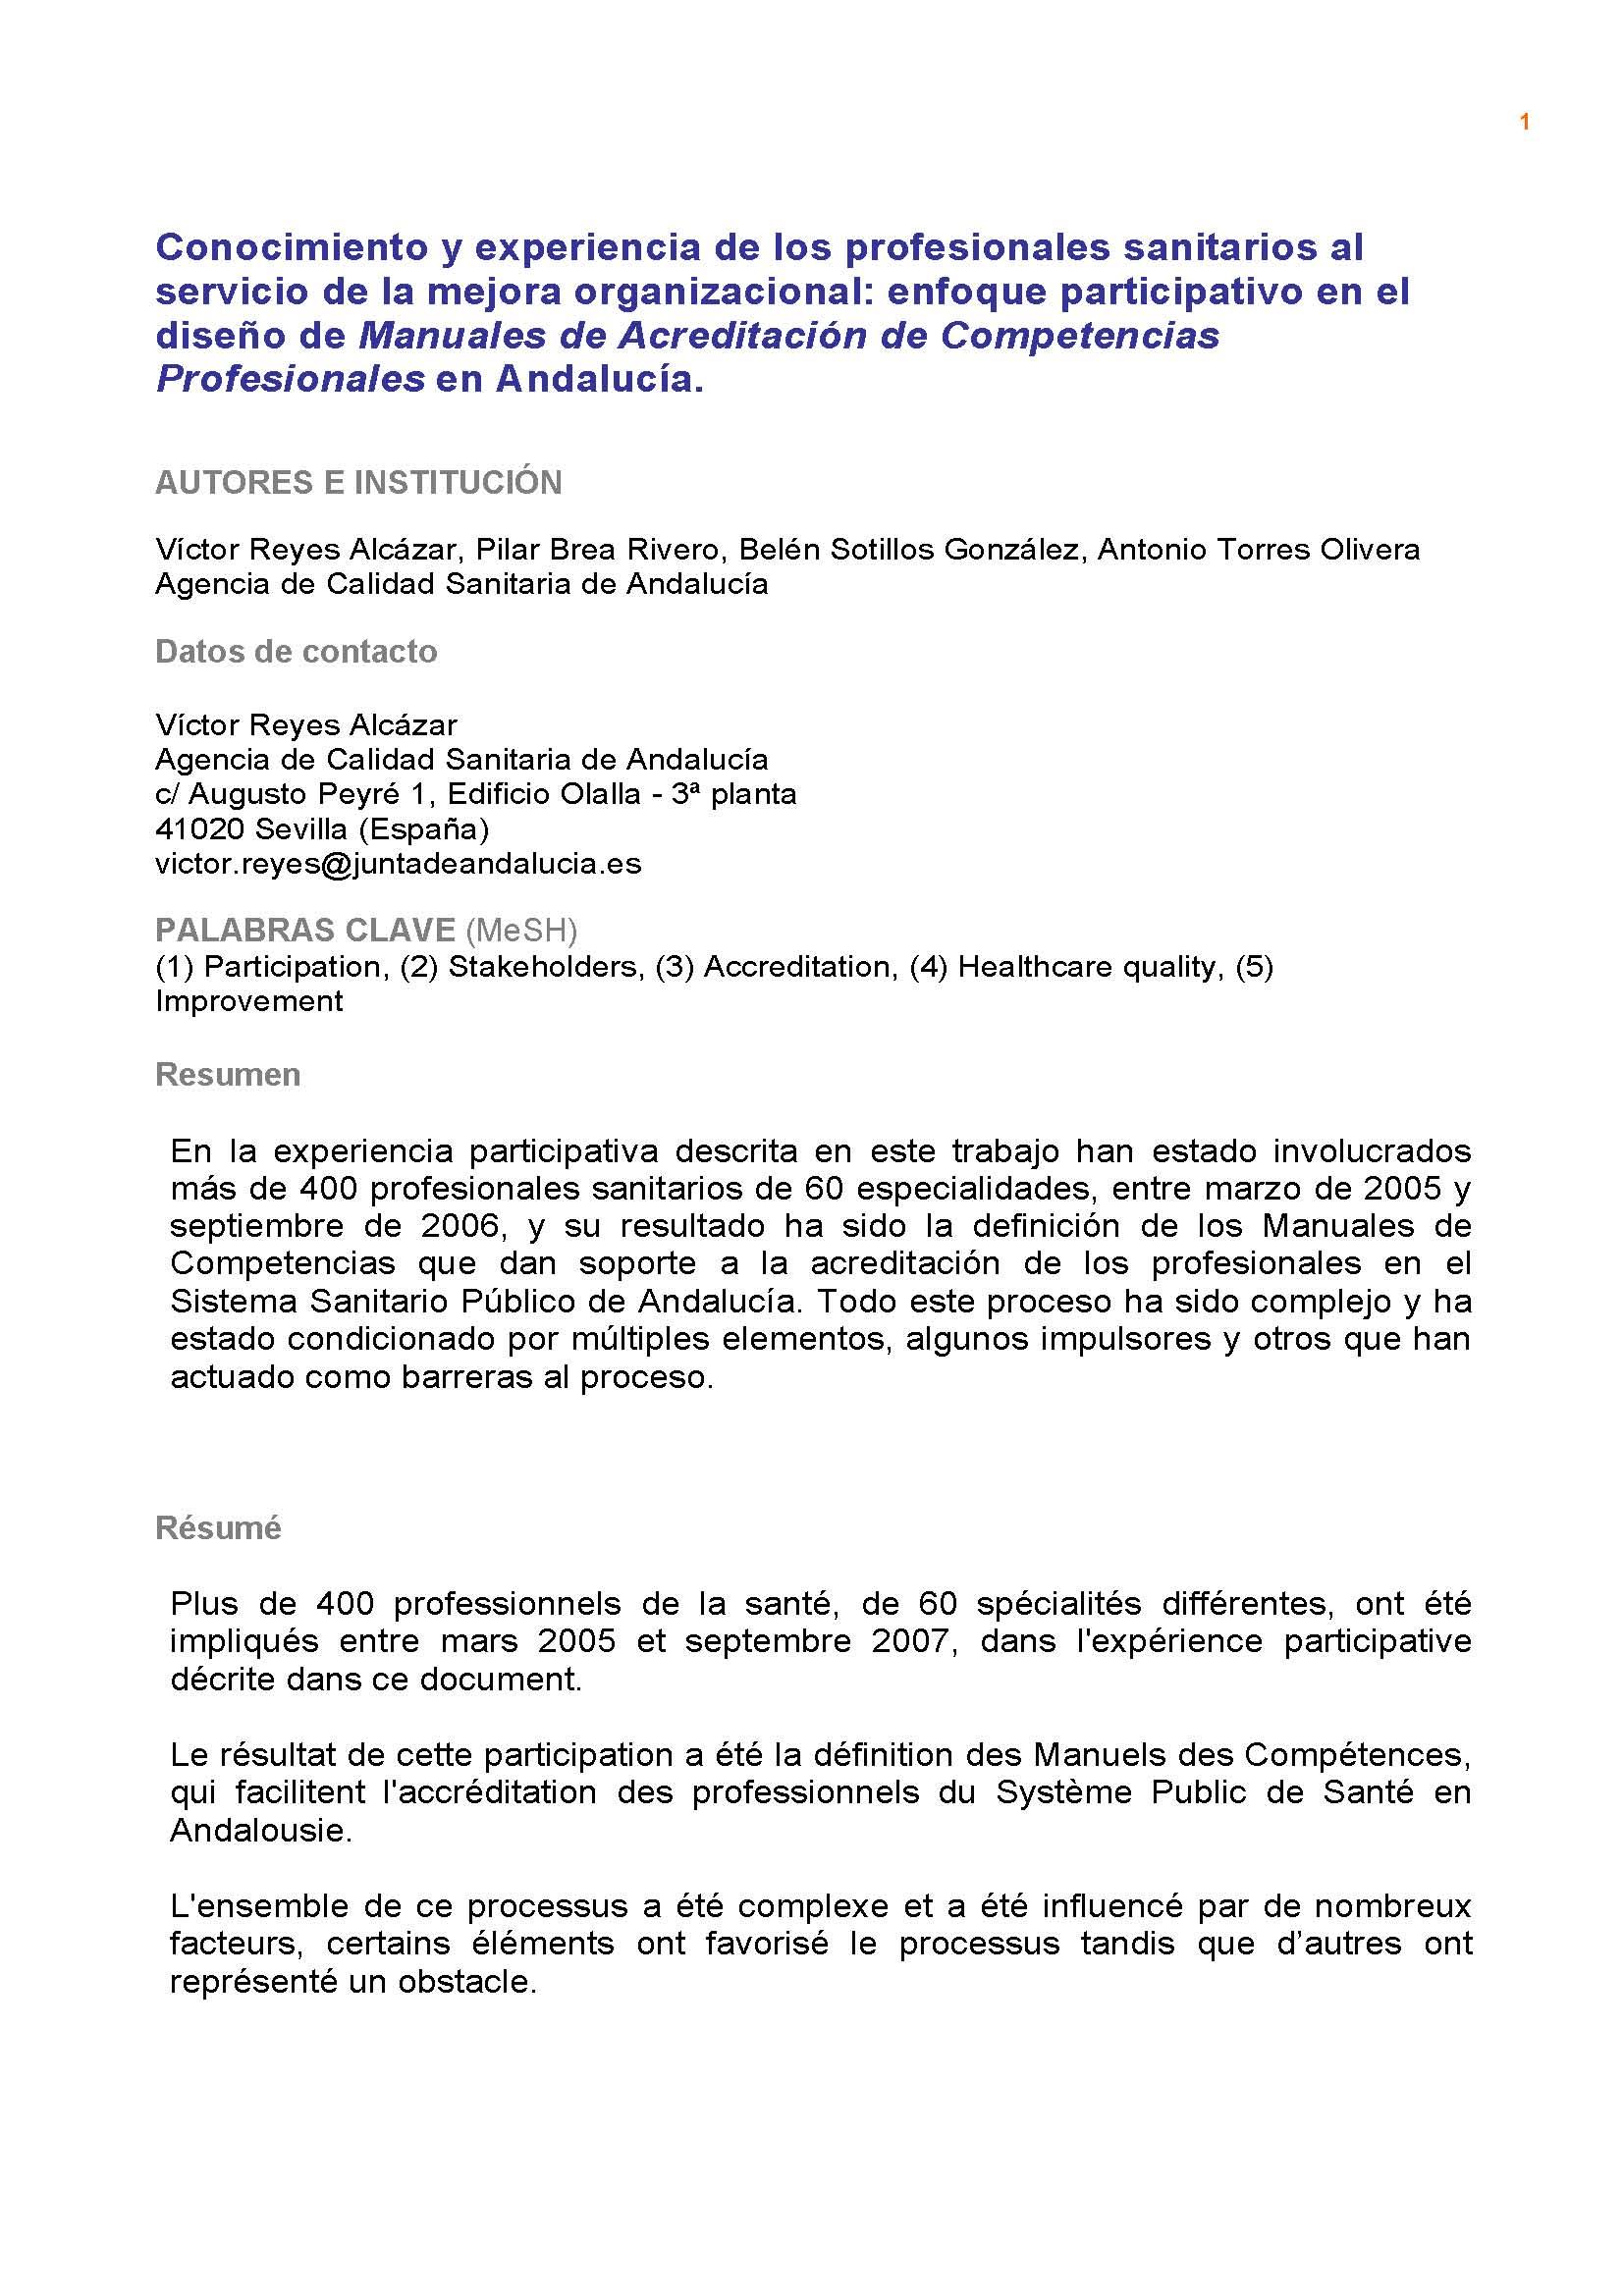 Hermosa Resumir Experiencia Modelo - Colección De Plantillas De ...